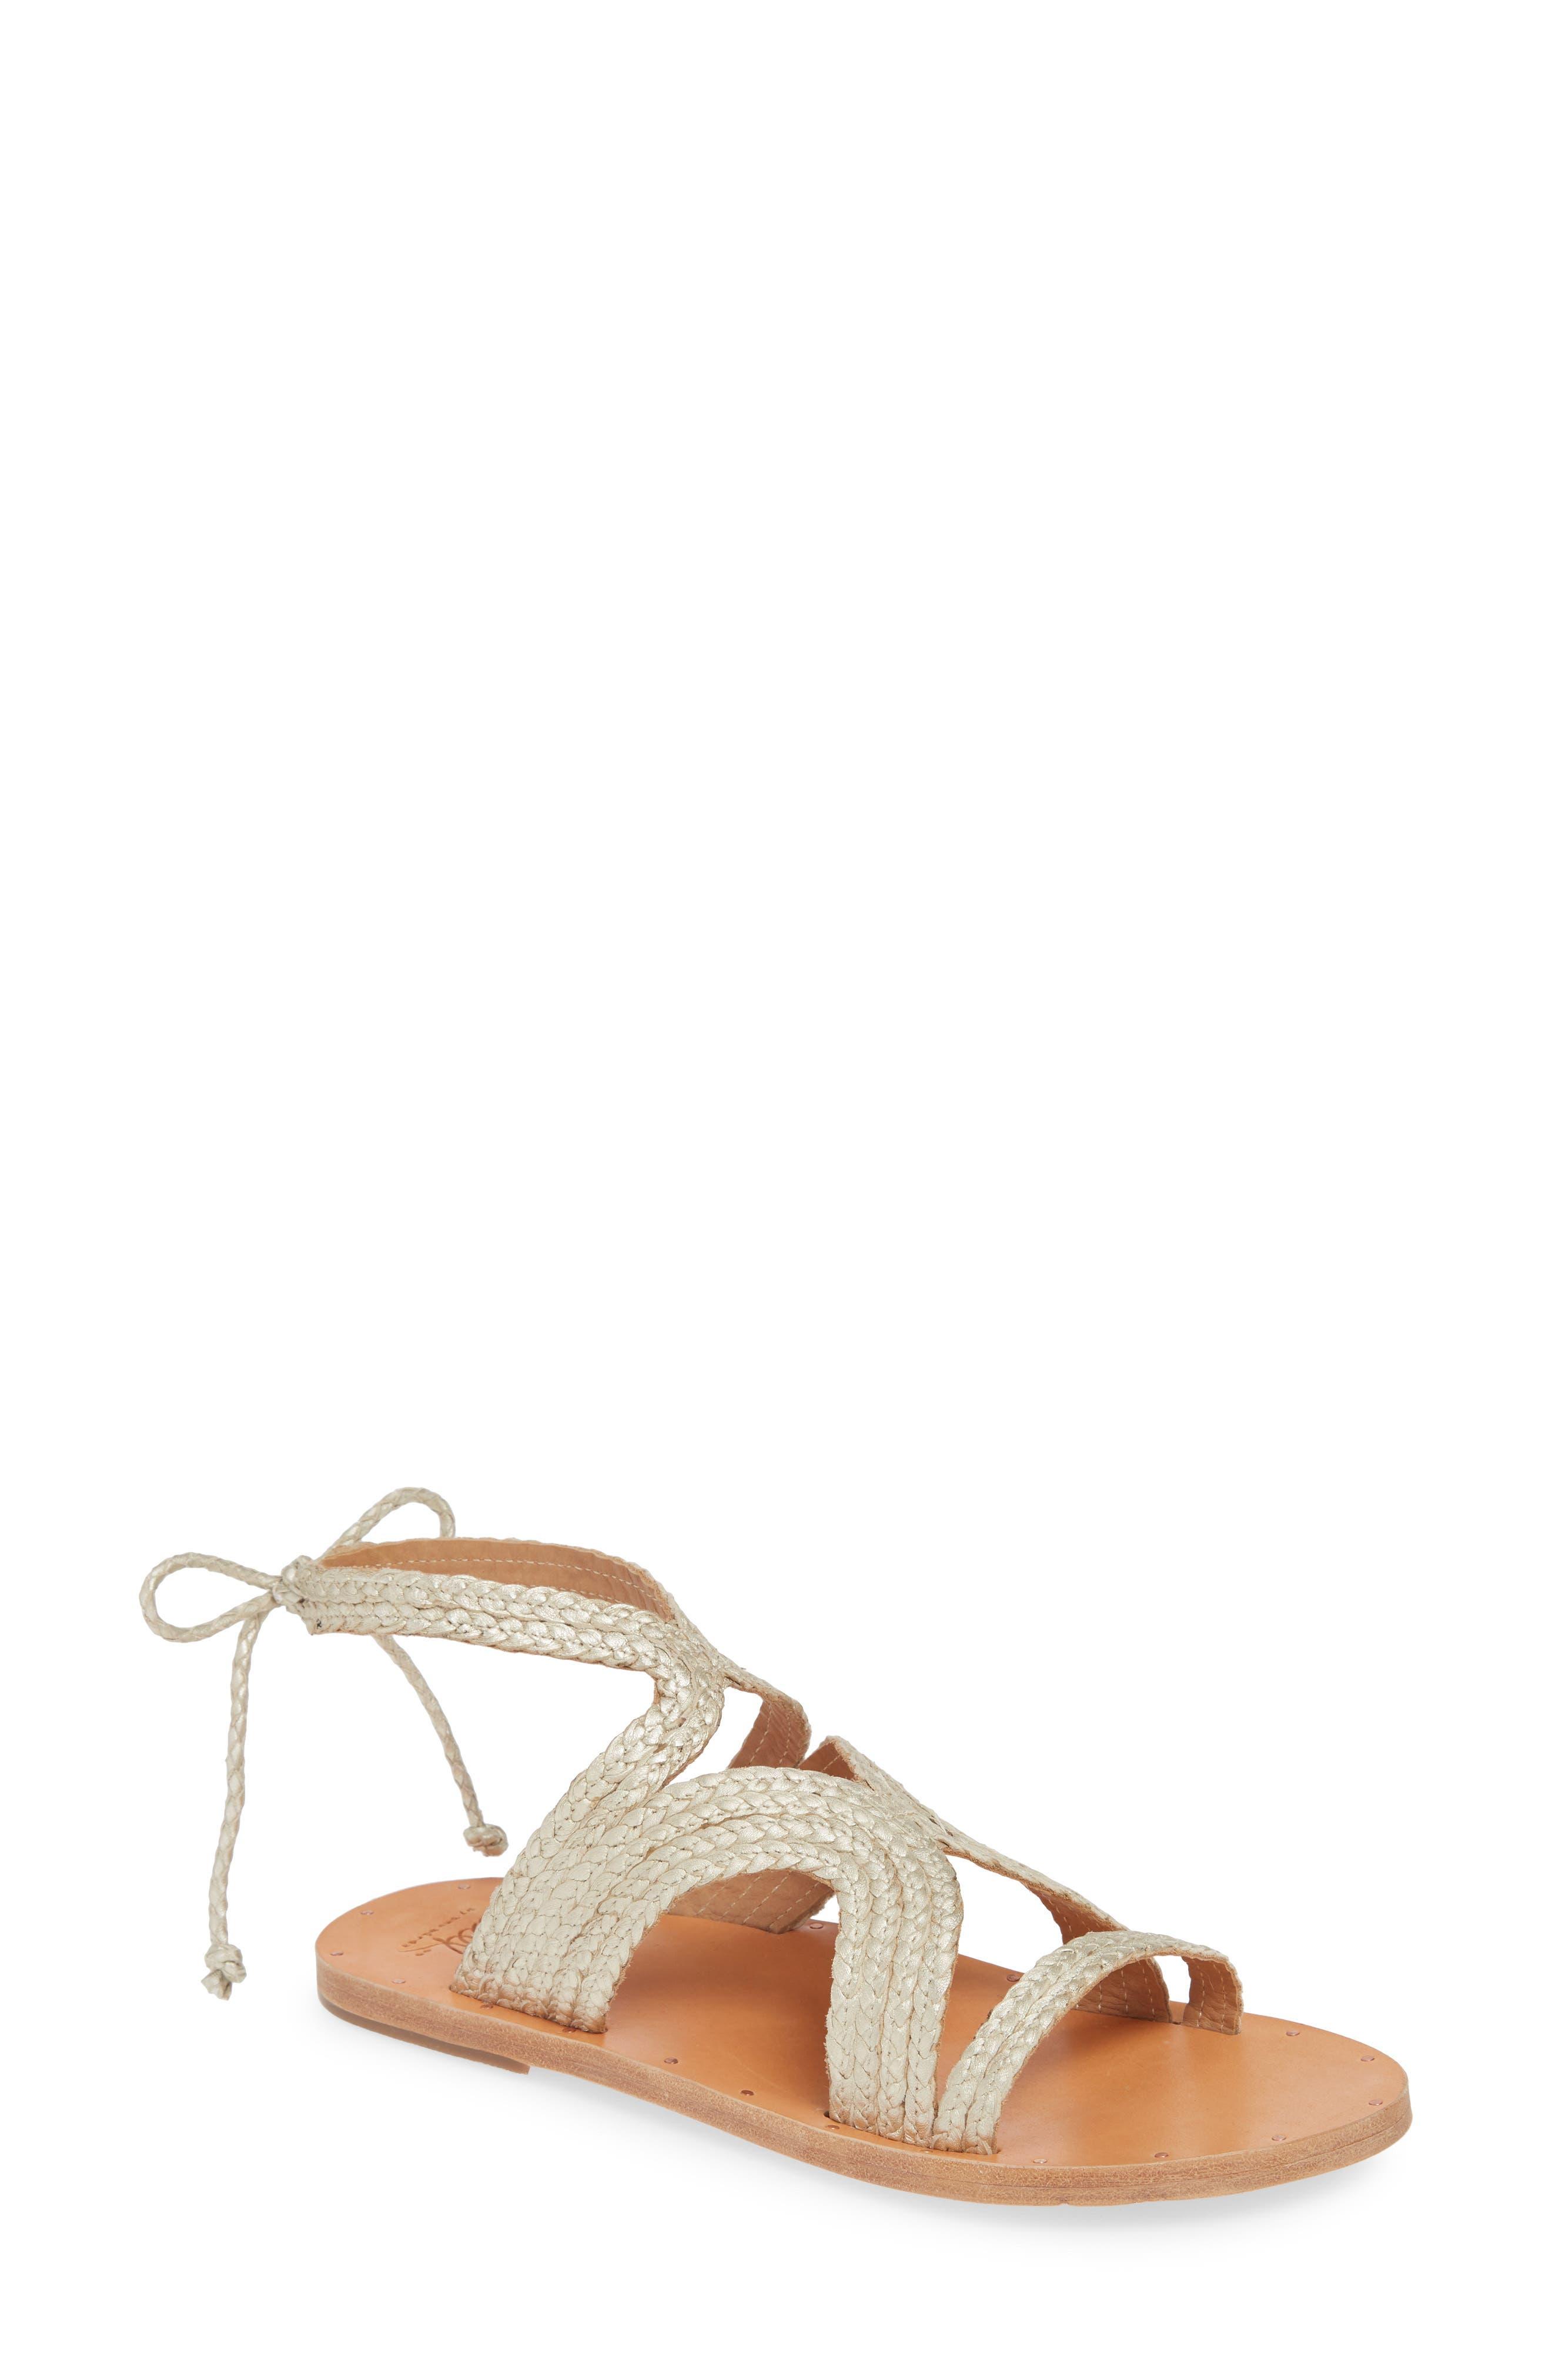 Beek Cuckoo Ankle Tie Sandal, Metallic